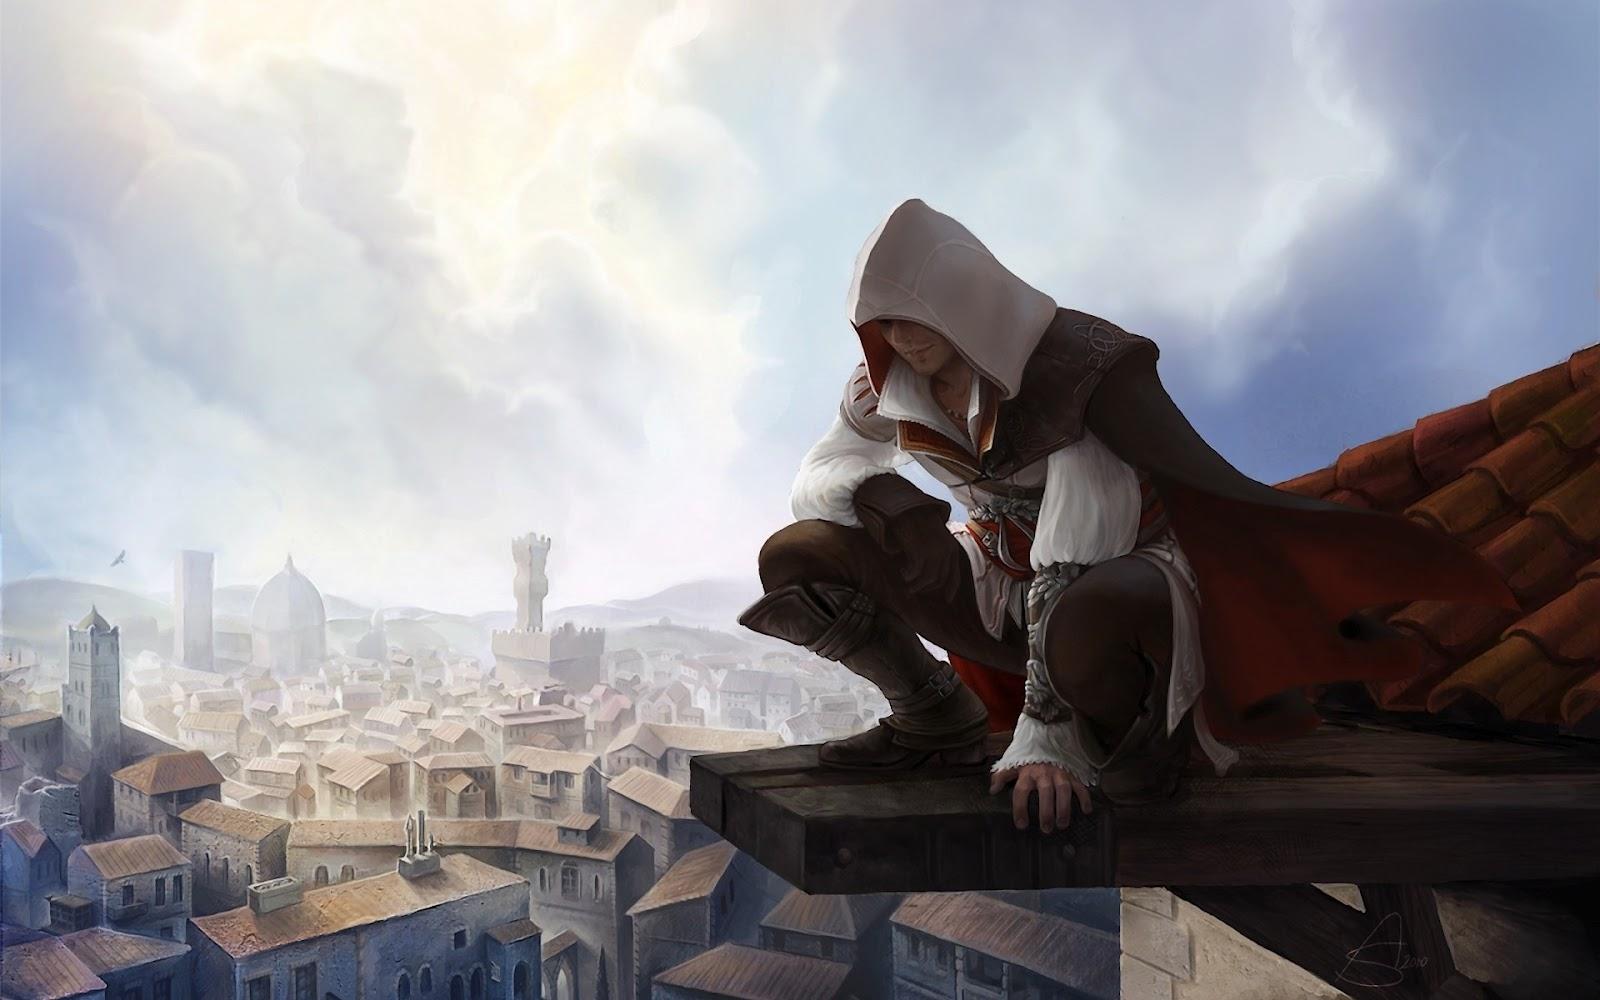 http://3.bp.blogspot.com/-ldQ66_rXo_4/T67VEqnL3iI/AAAAAAAAcuk/pTmKag9wGRA/s1600/Assassin-Creed-II-Ezio.jpg